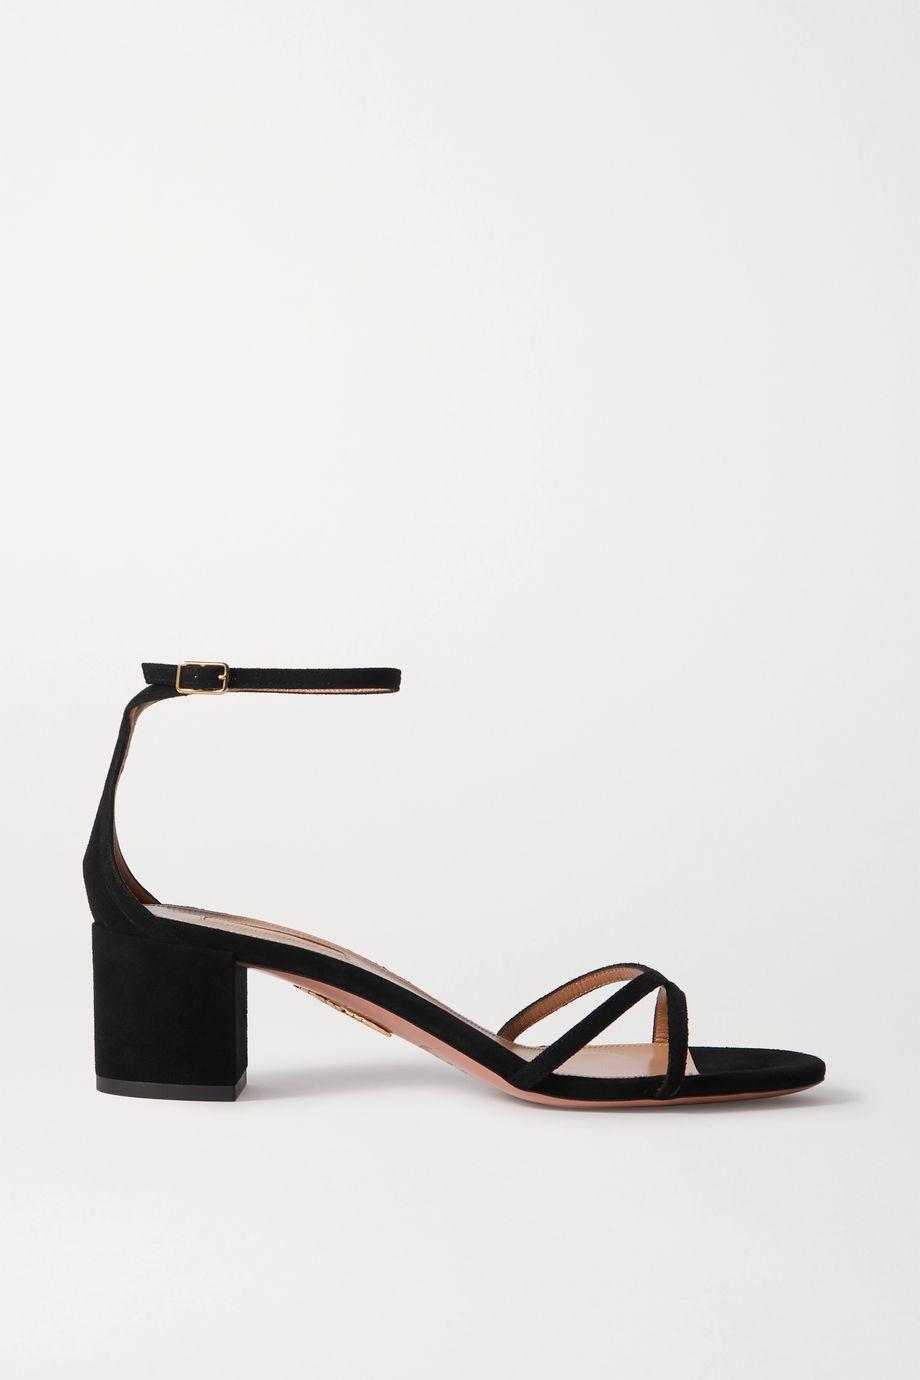 Aquazzura Purist 50 suede sandals